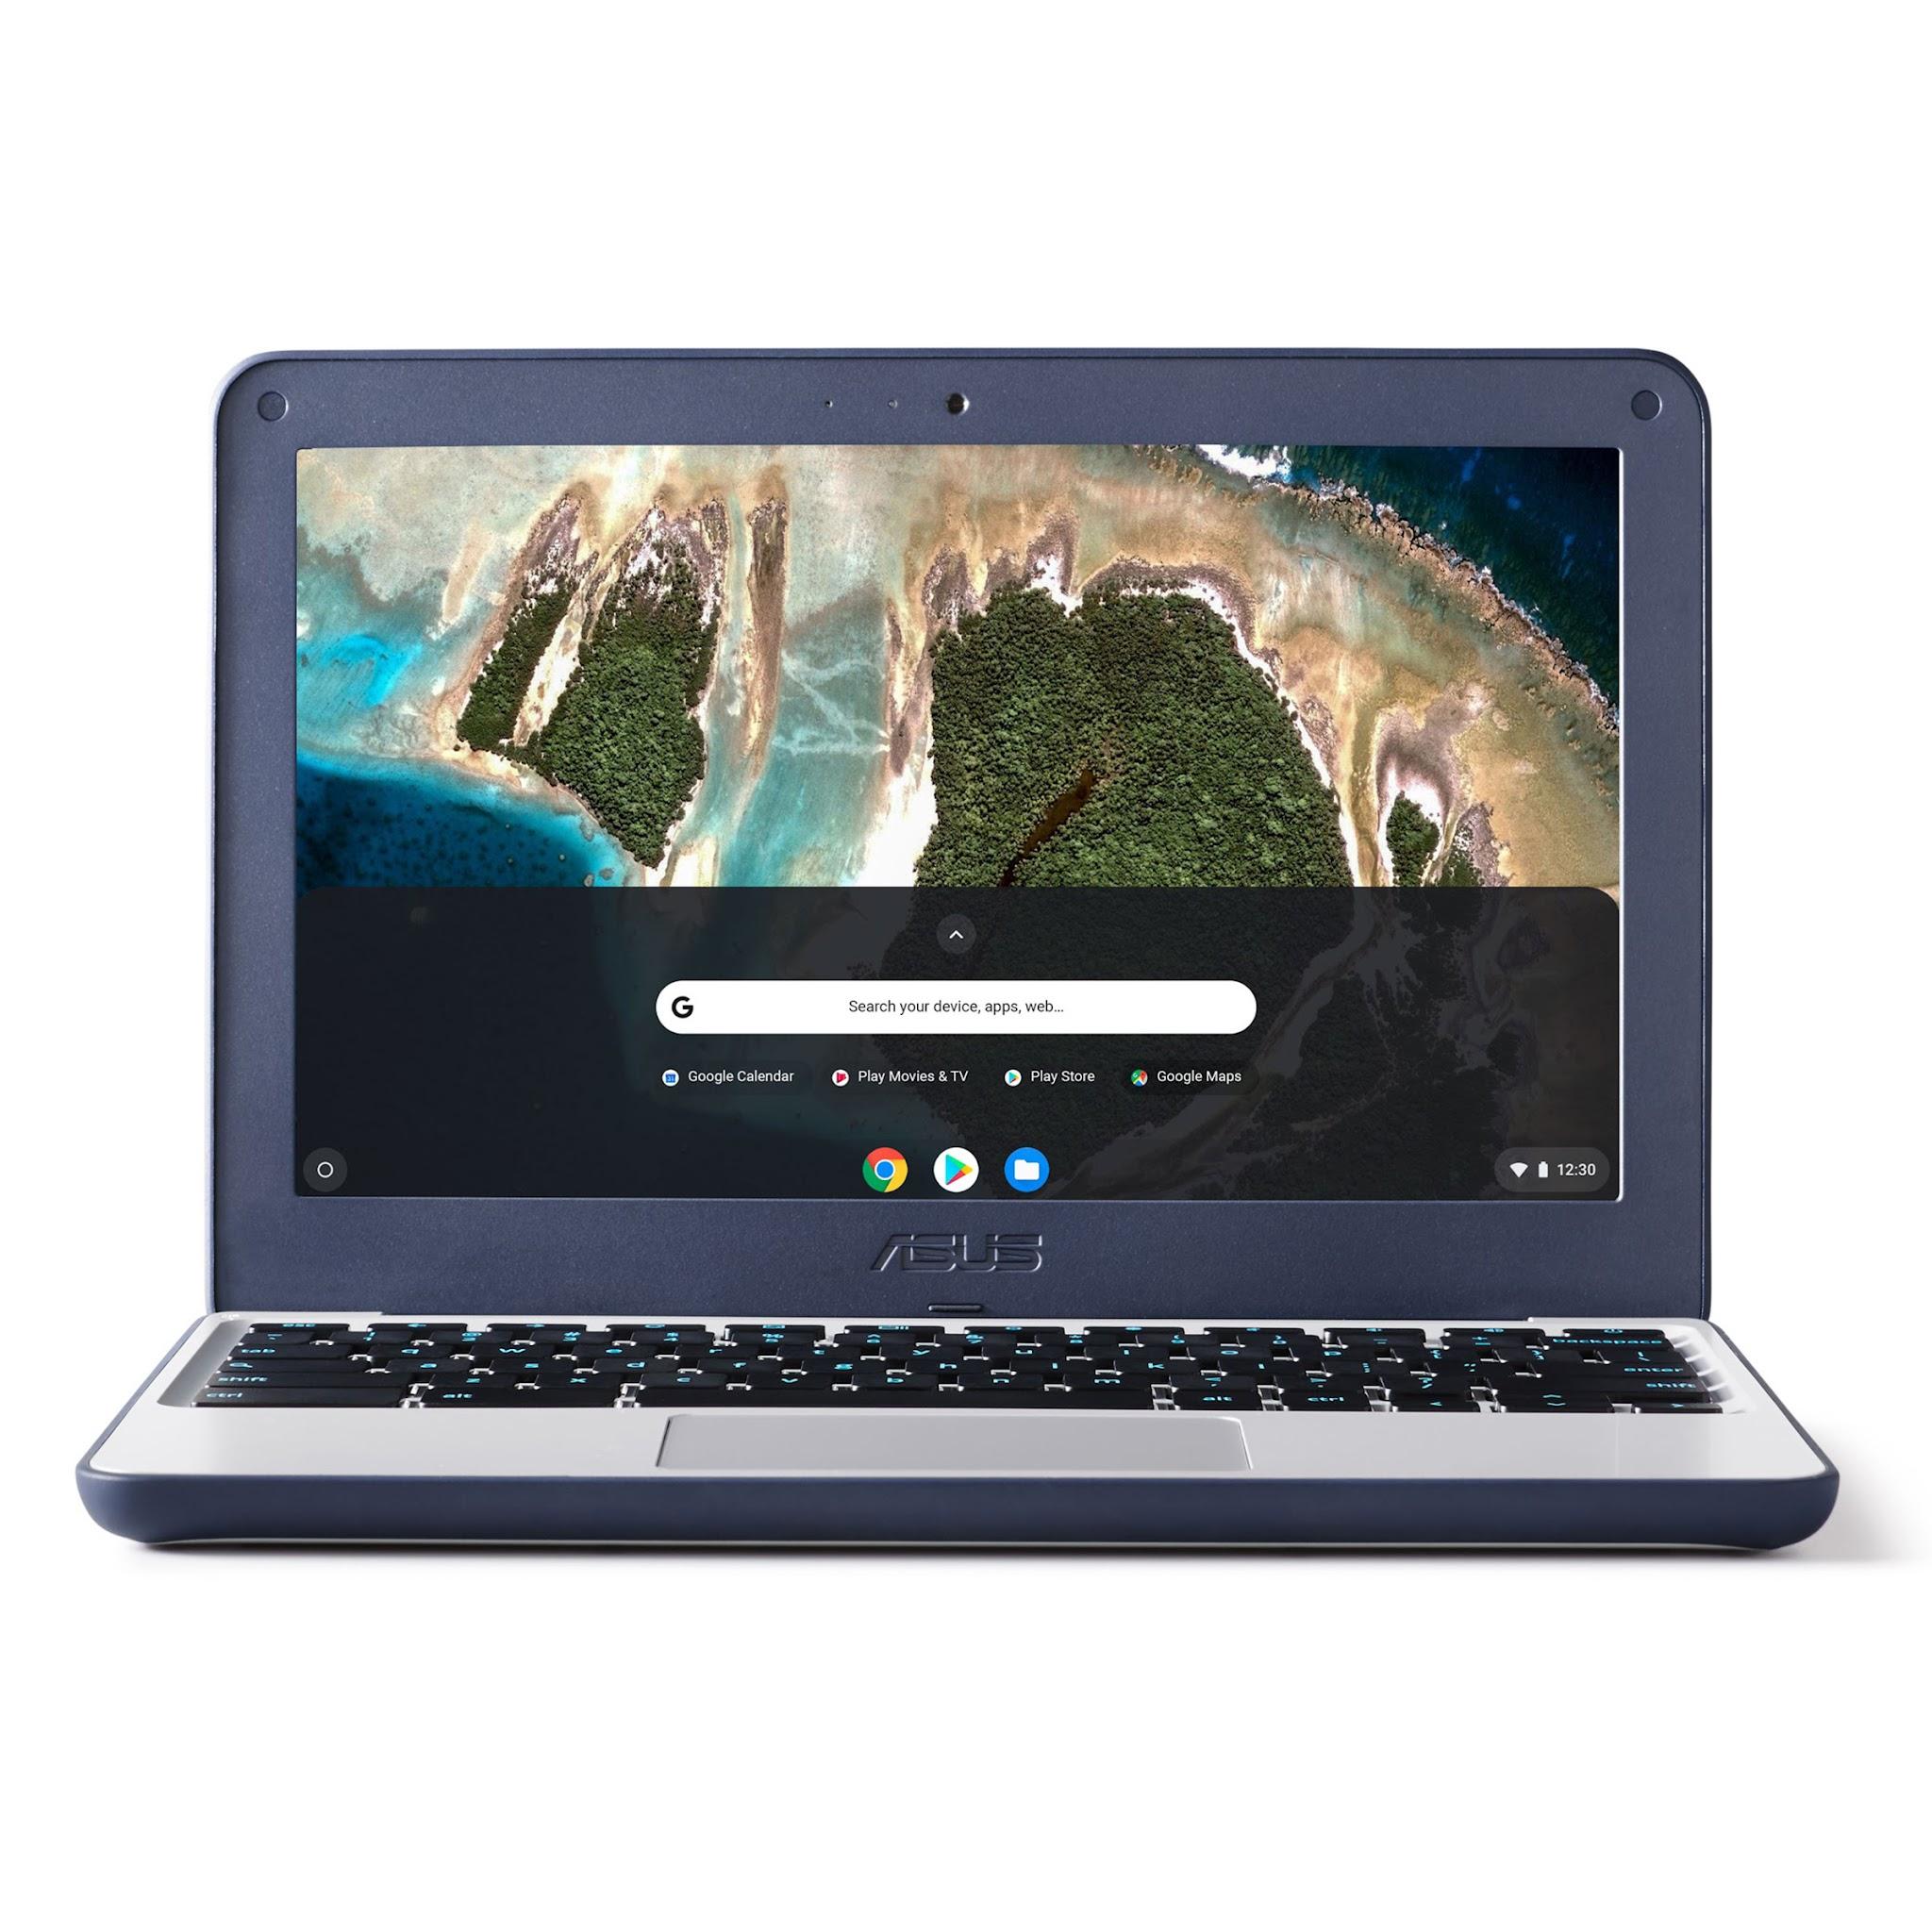 ASUS Chromebook C202 - photo 1